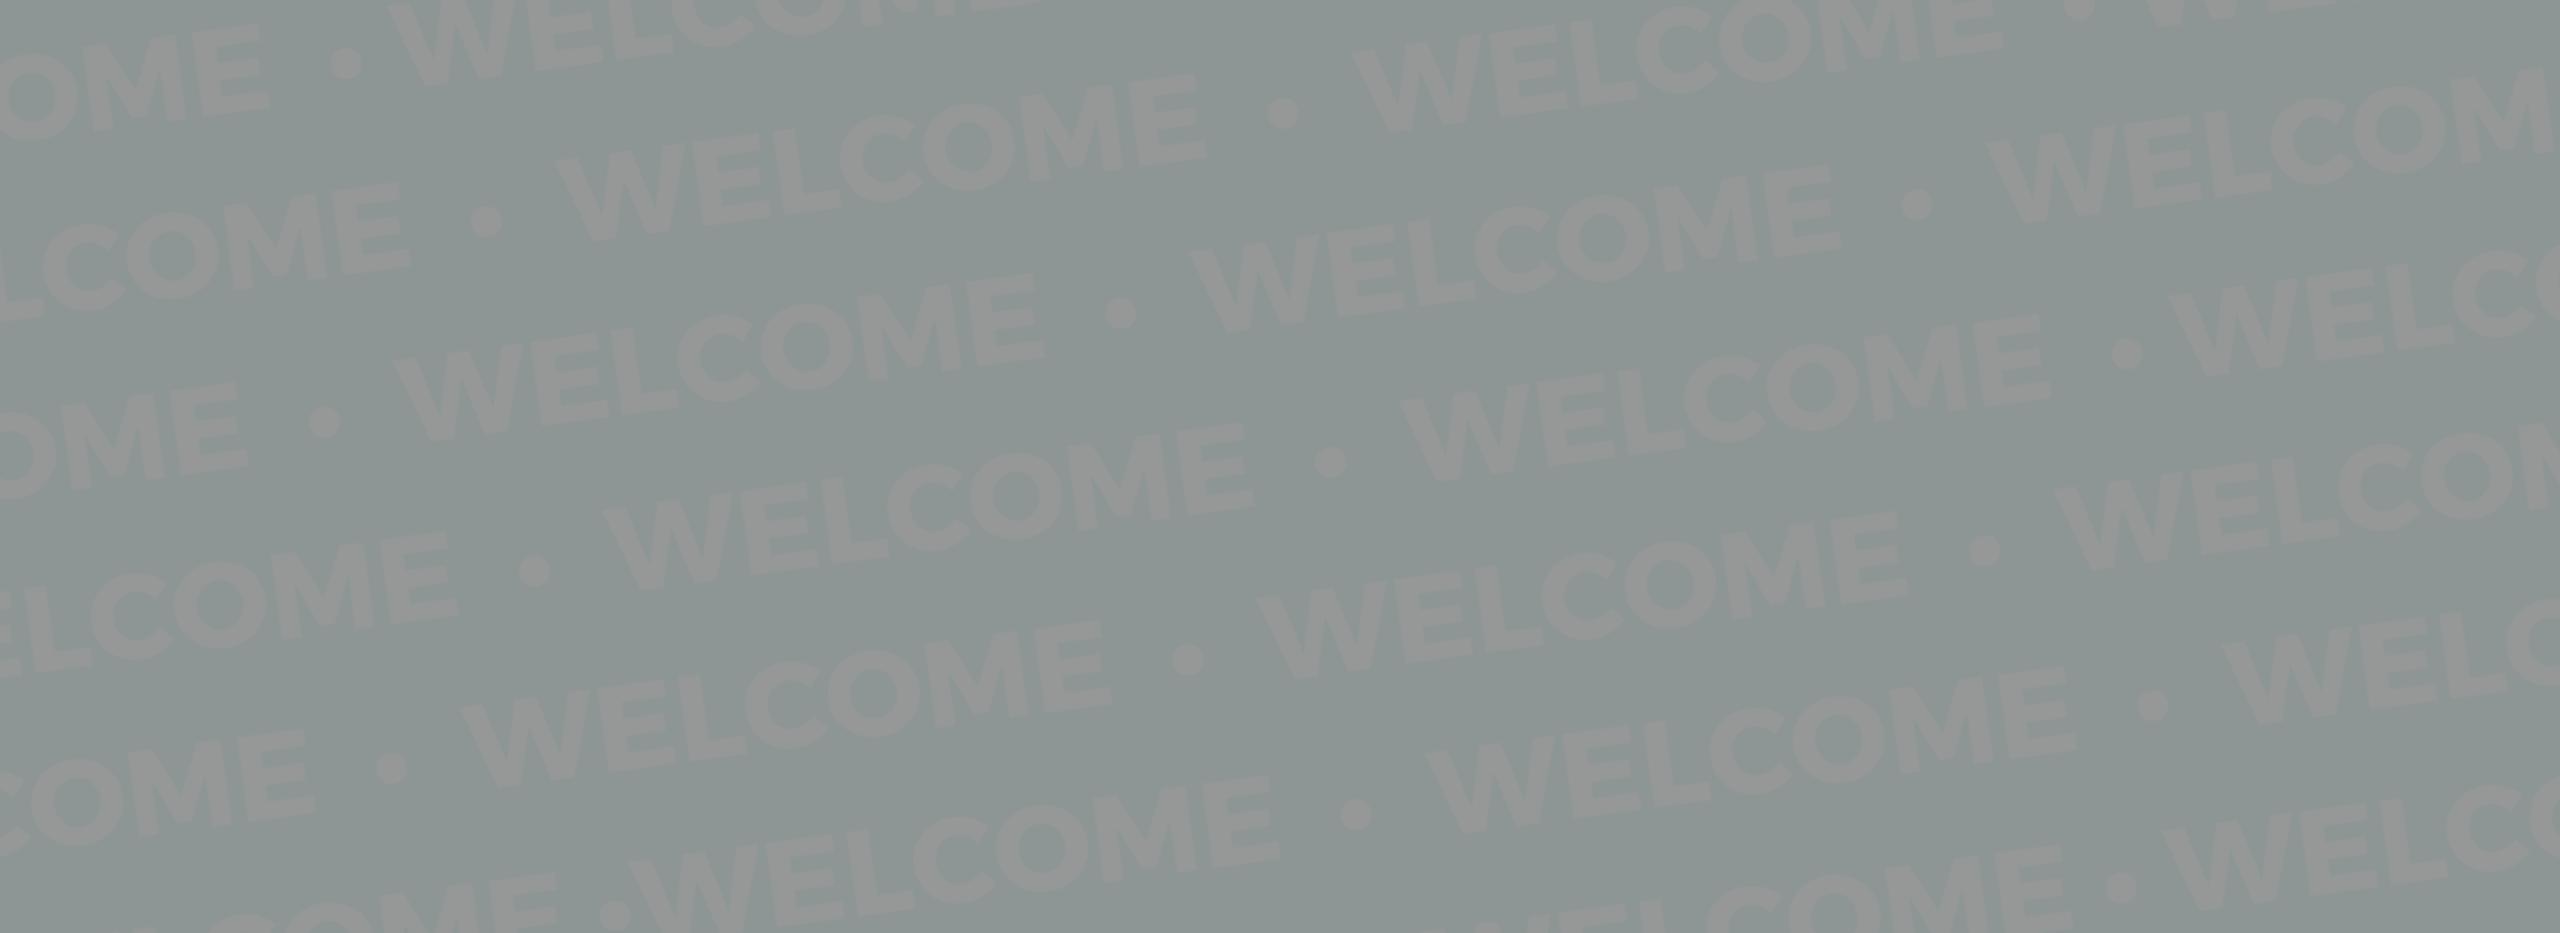 MRE | AP Welcomes New Agent Juanita Tool